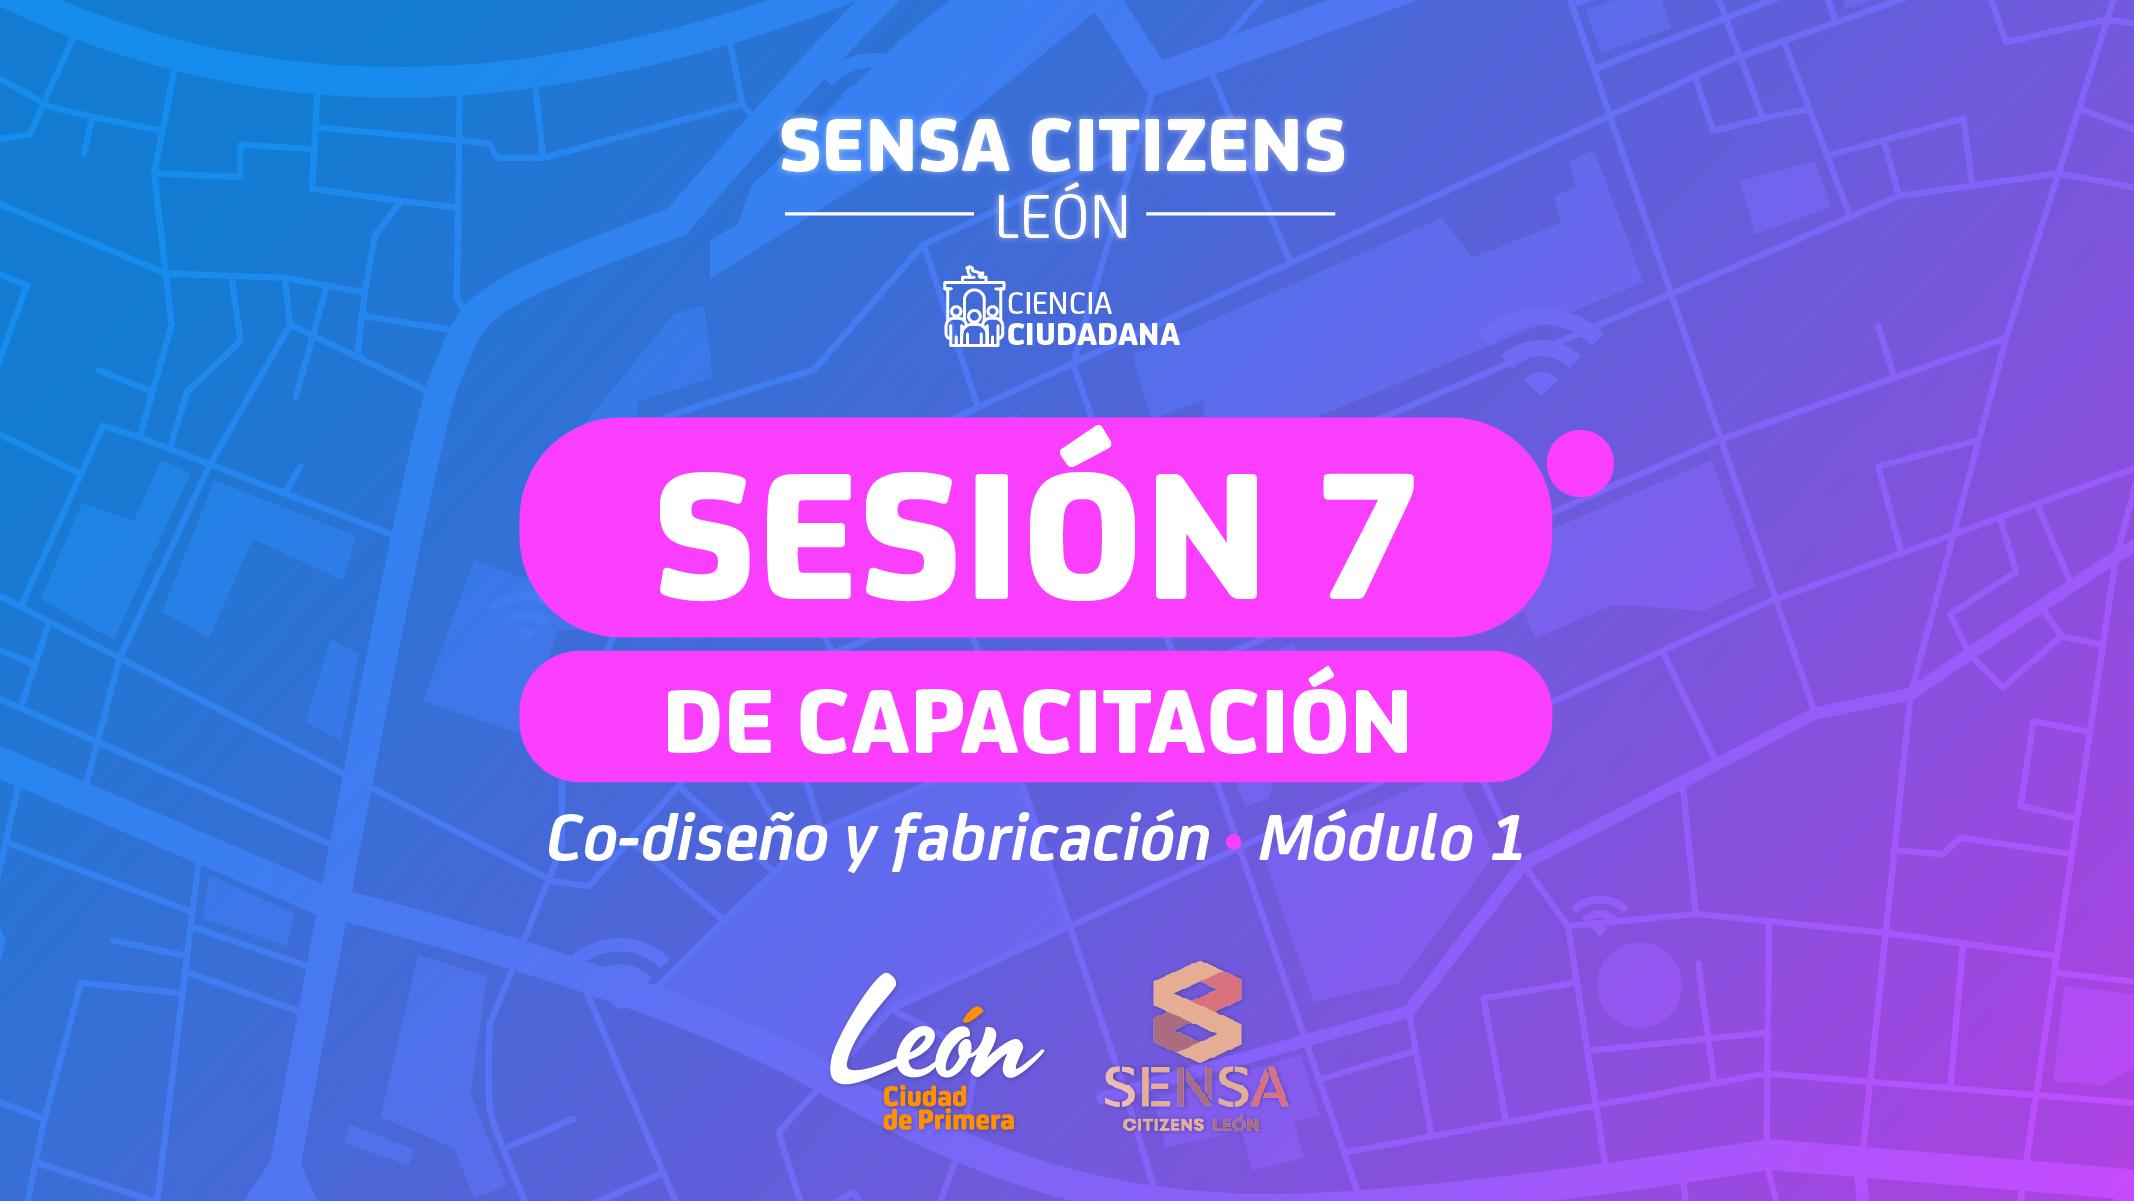 Sesión 7 – Co-diseño y fabricación